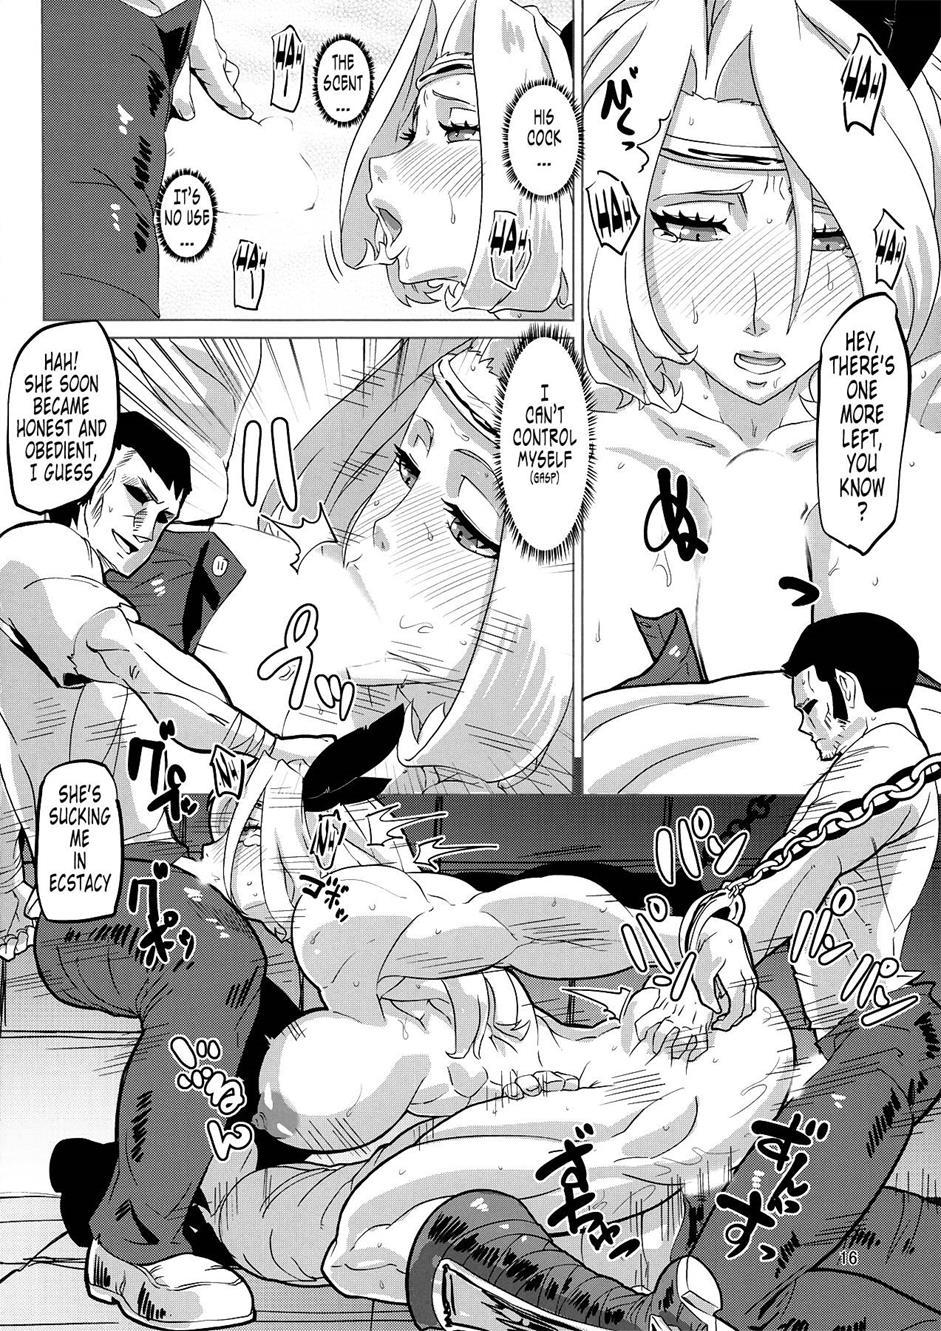 Amazon hentai manga